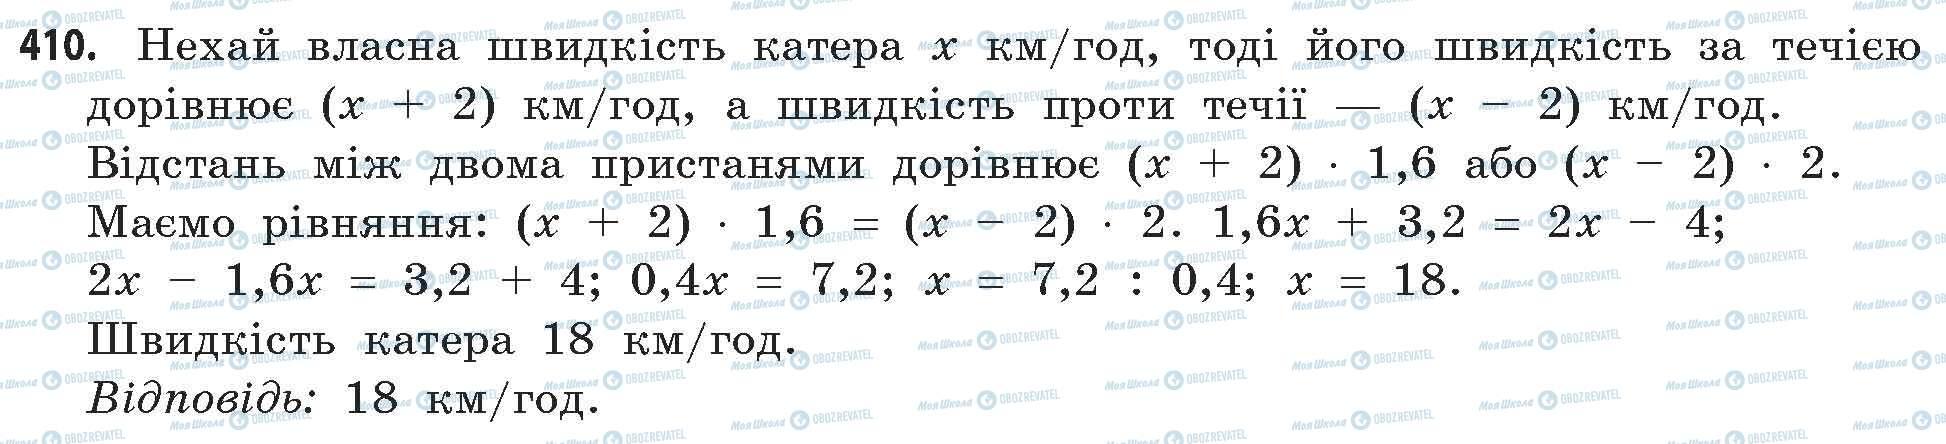 ГДЗ Математика 11 класс страница 410